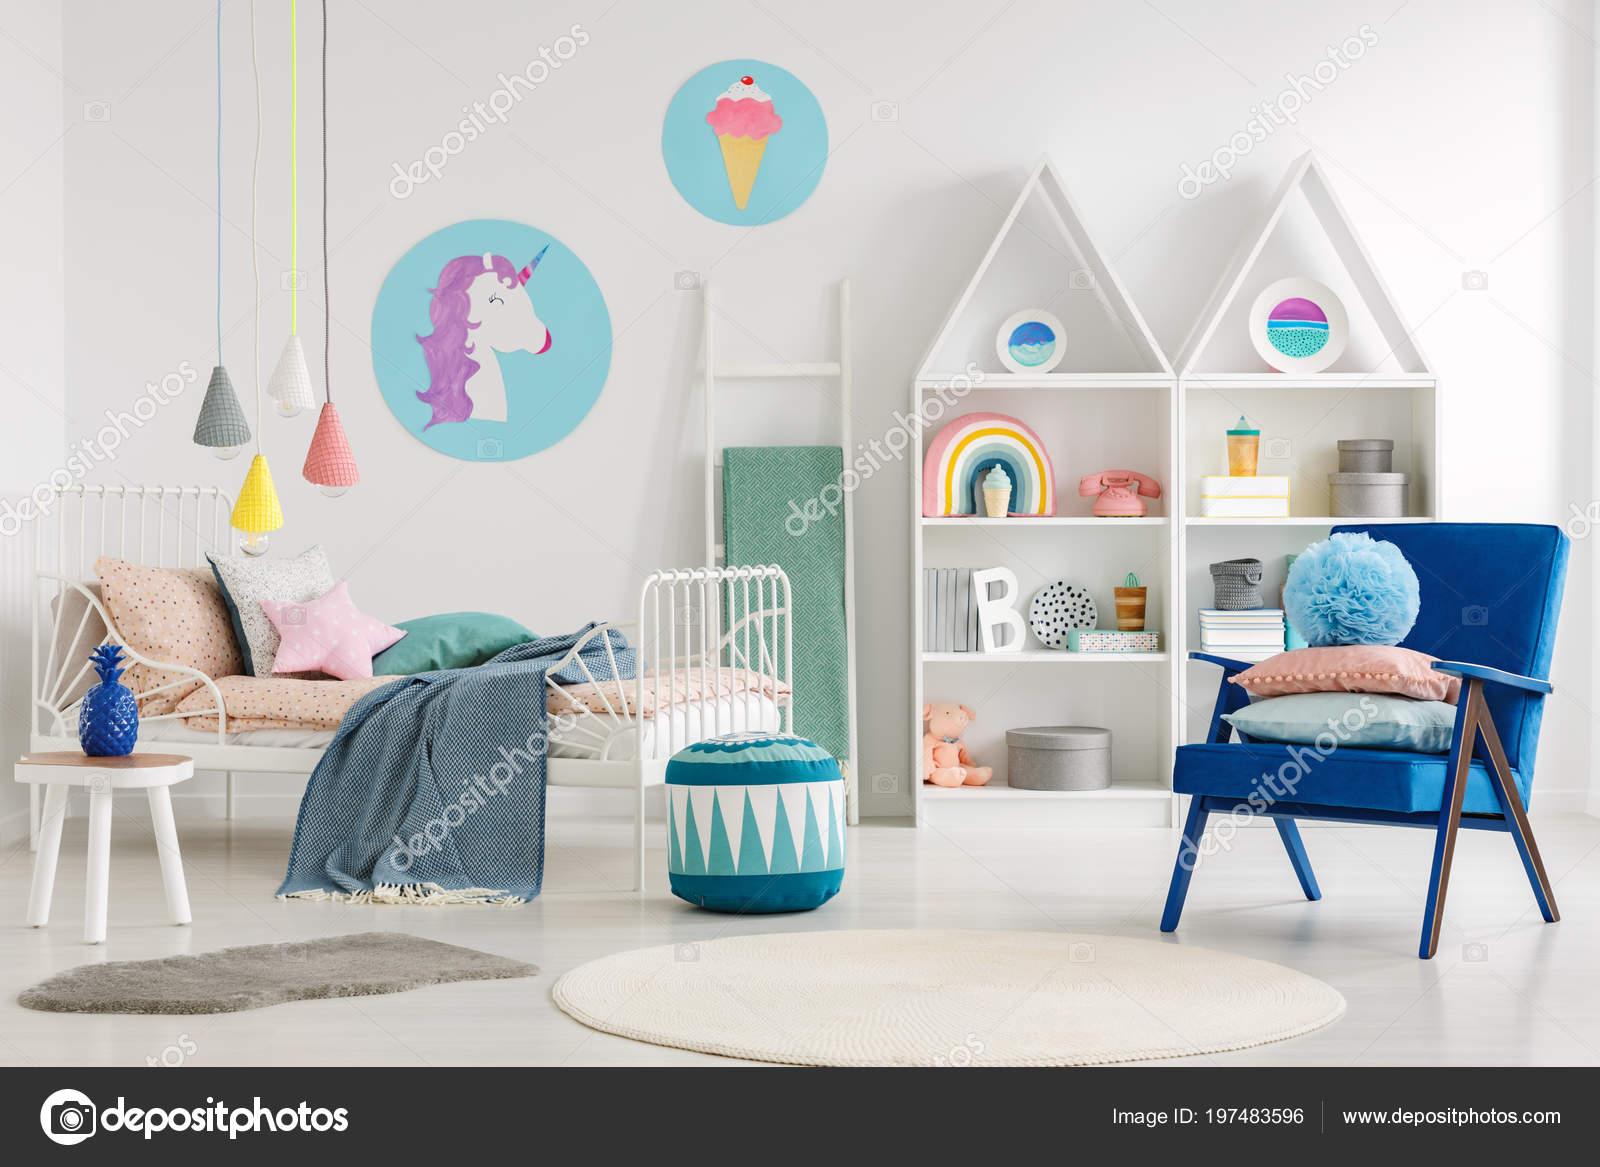 Bleu Fauteuil Pouf Intérieur Chambre Enfant Coloré Avec Affiche ...